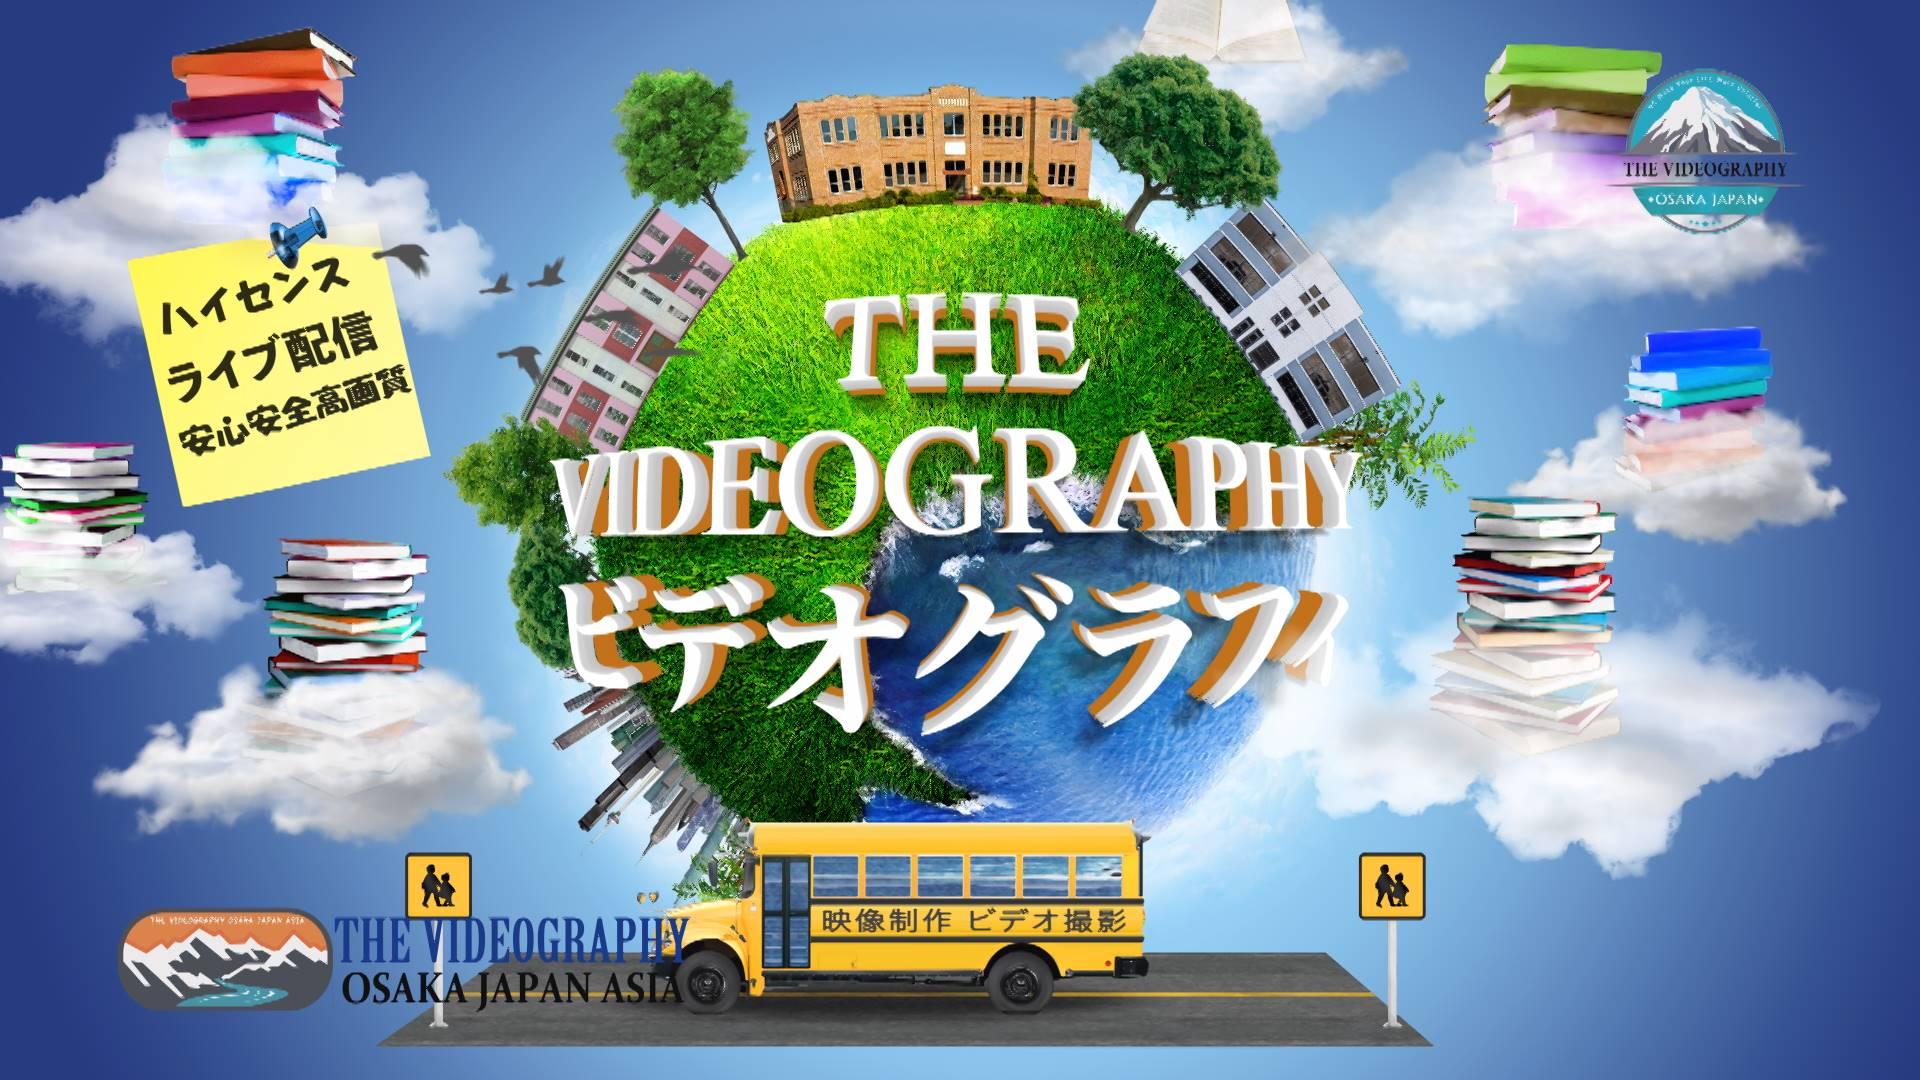 幼稚園 保育園 小学校 中学校 高等学校など教育機関の運動会 卒業式などイベントのビデオ撮影 動画撮影 DVD制作。